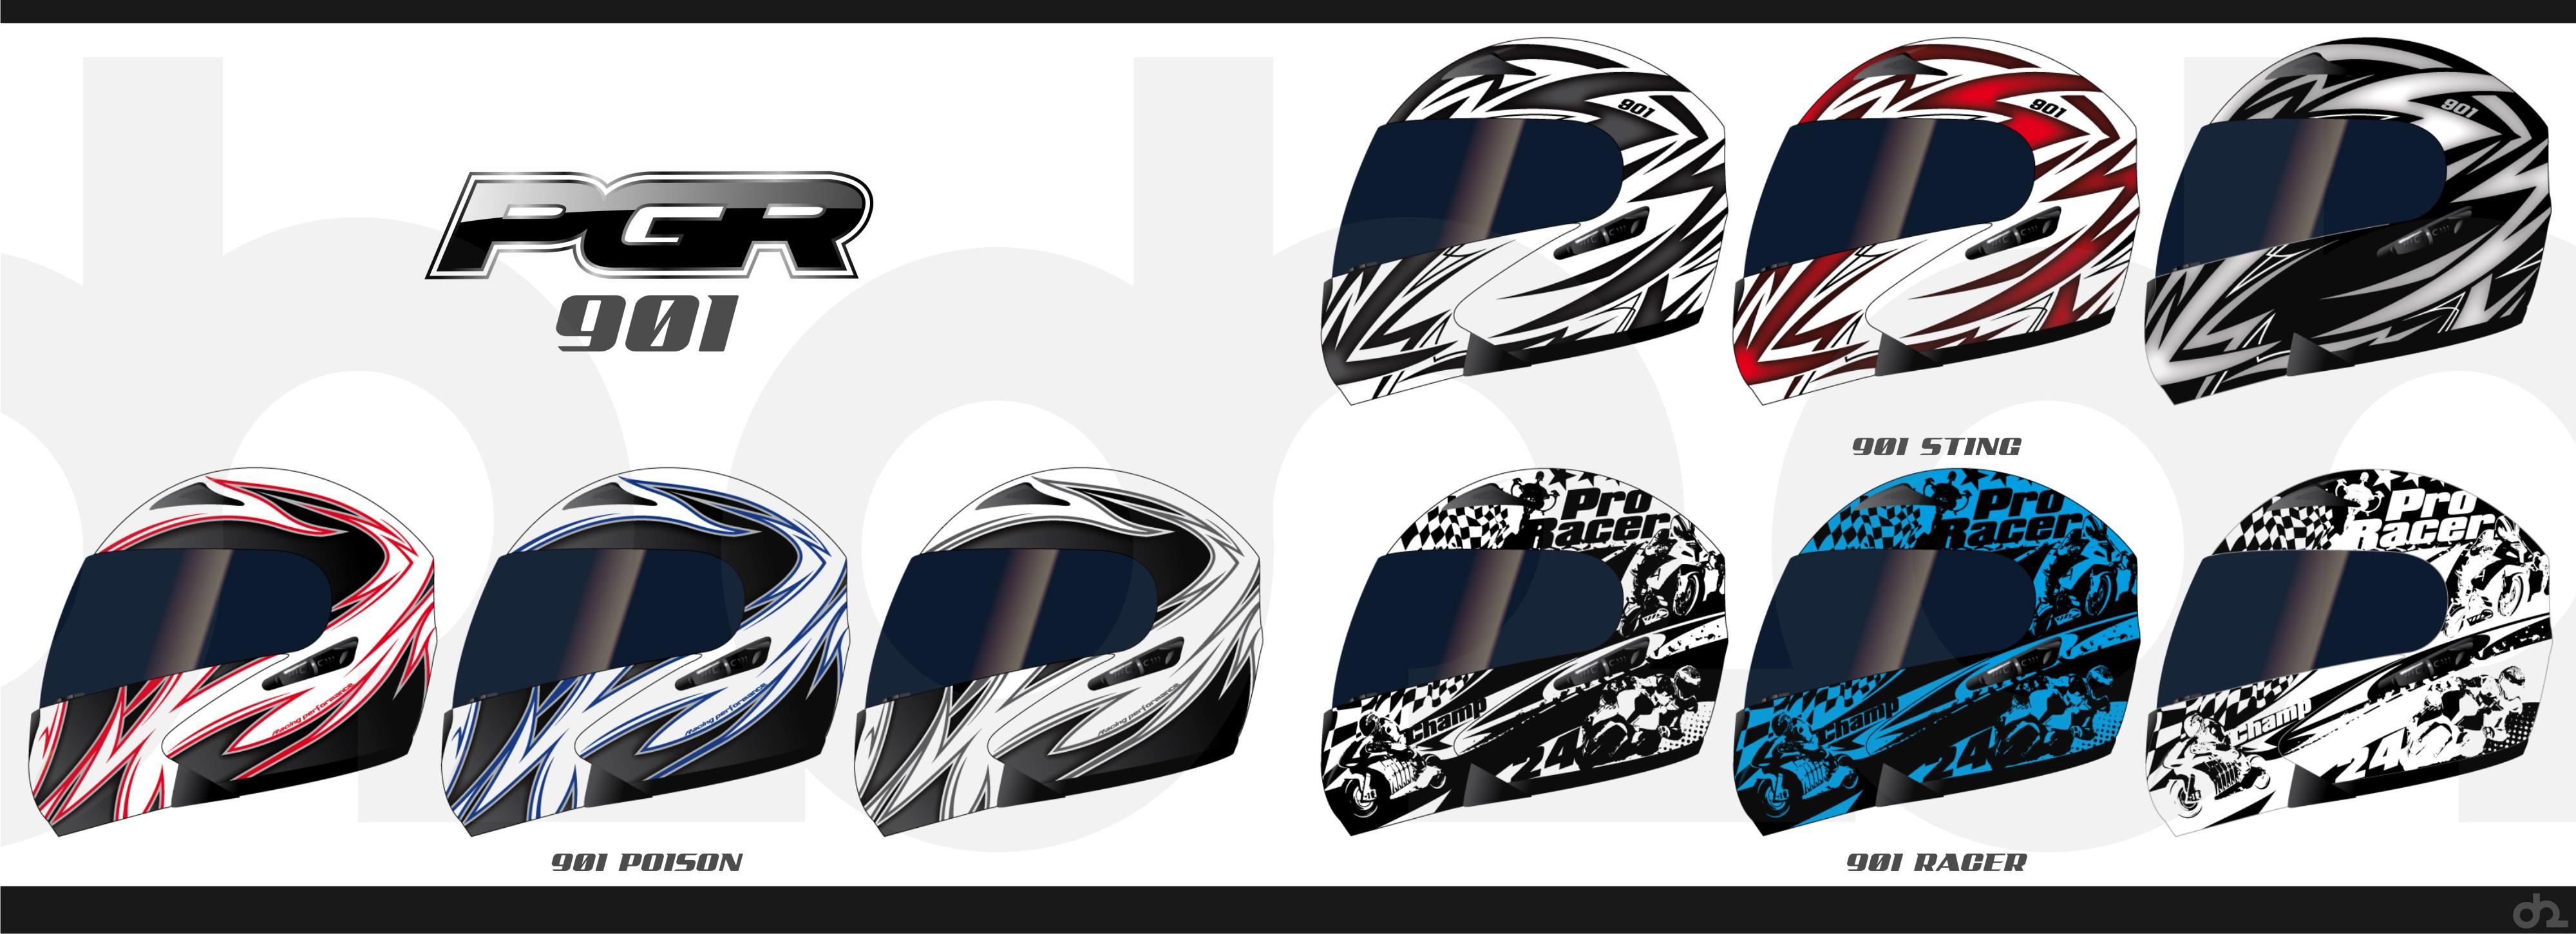 欧美风格越野头盔贴花设计(急)